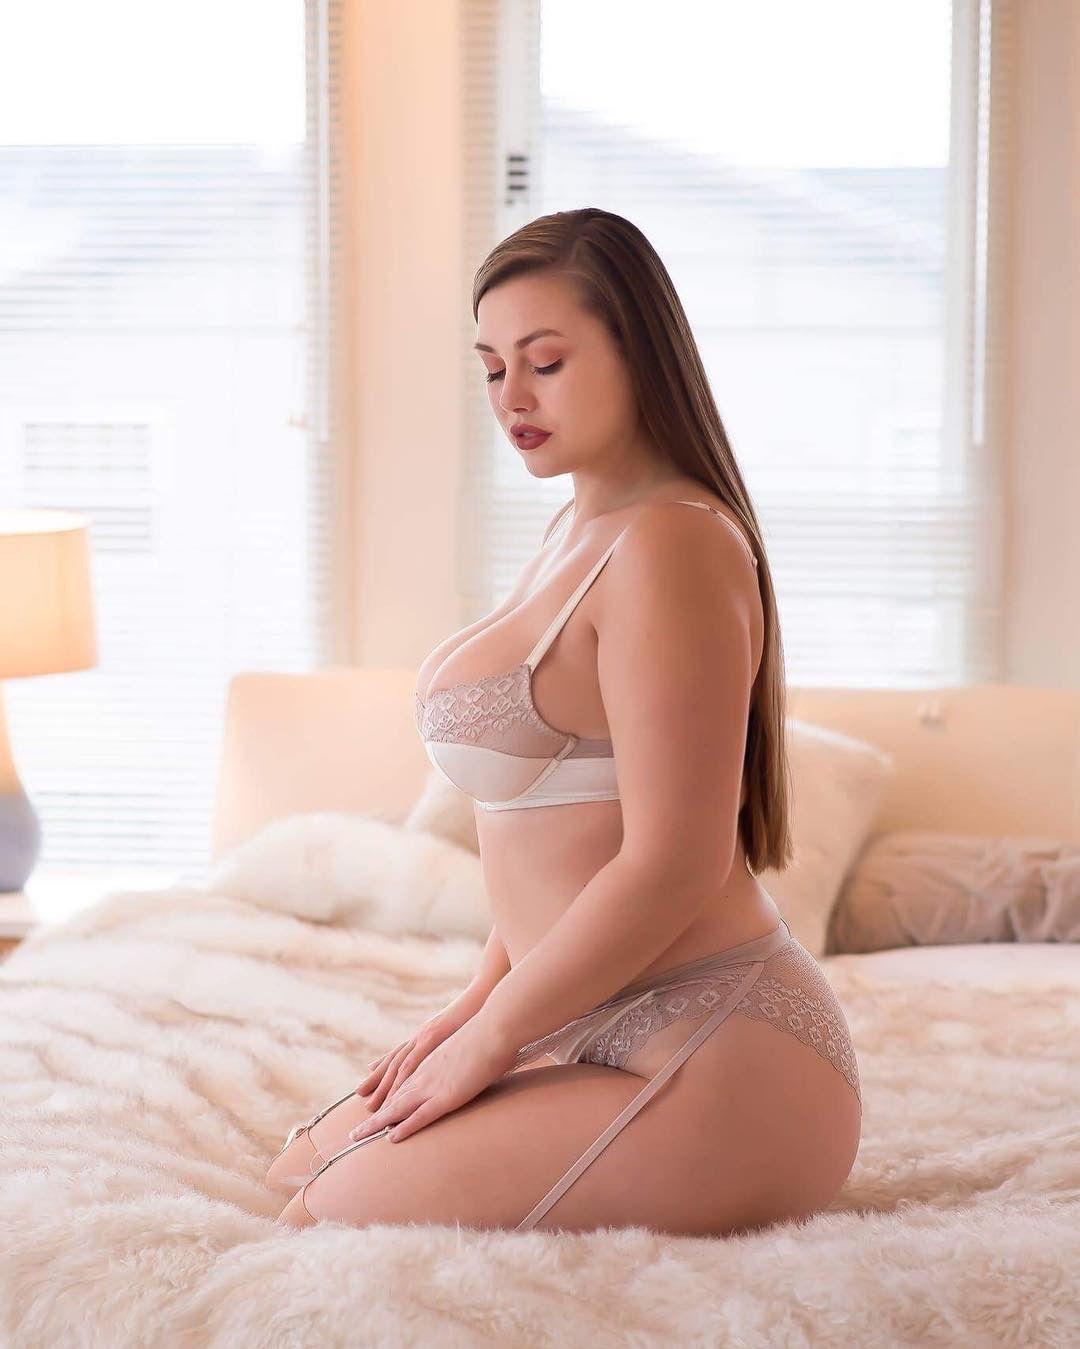 Sideboobs Panties Lillias White  nude (83 foto), iCloud, cameltoe